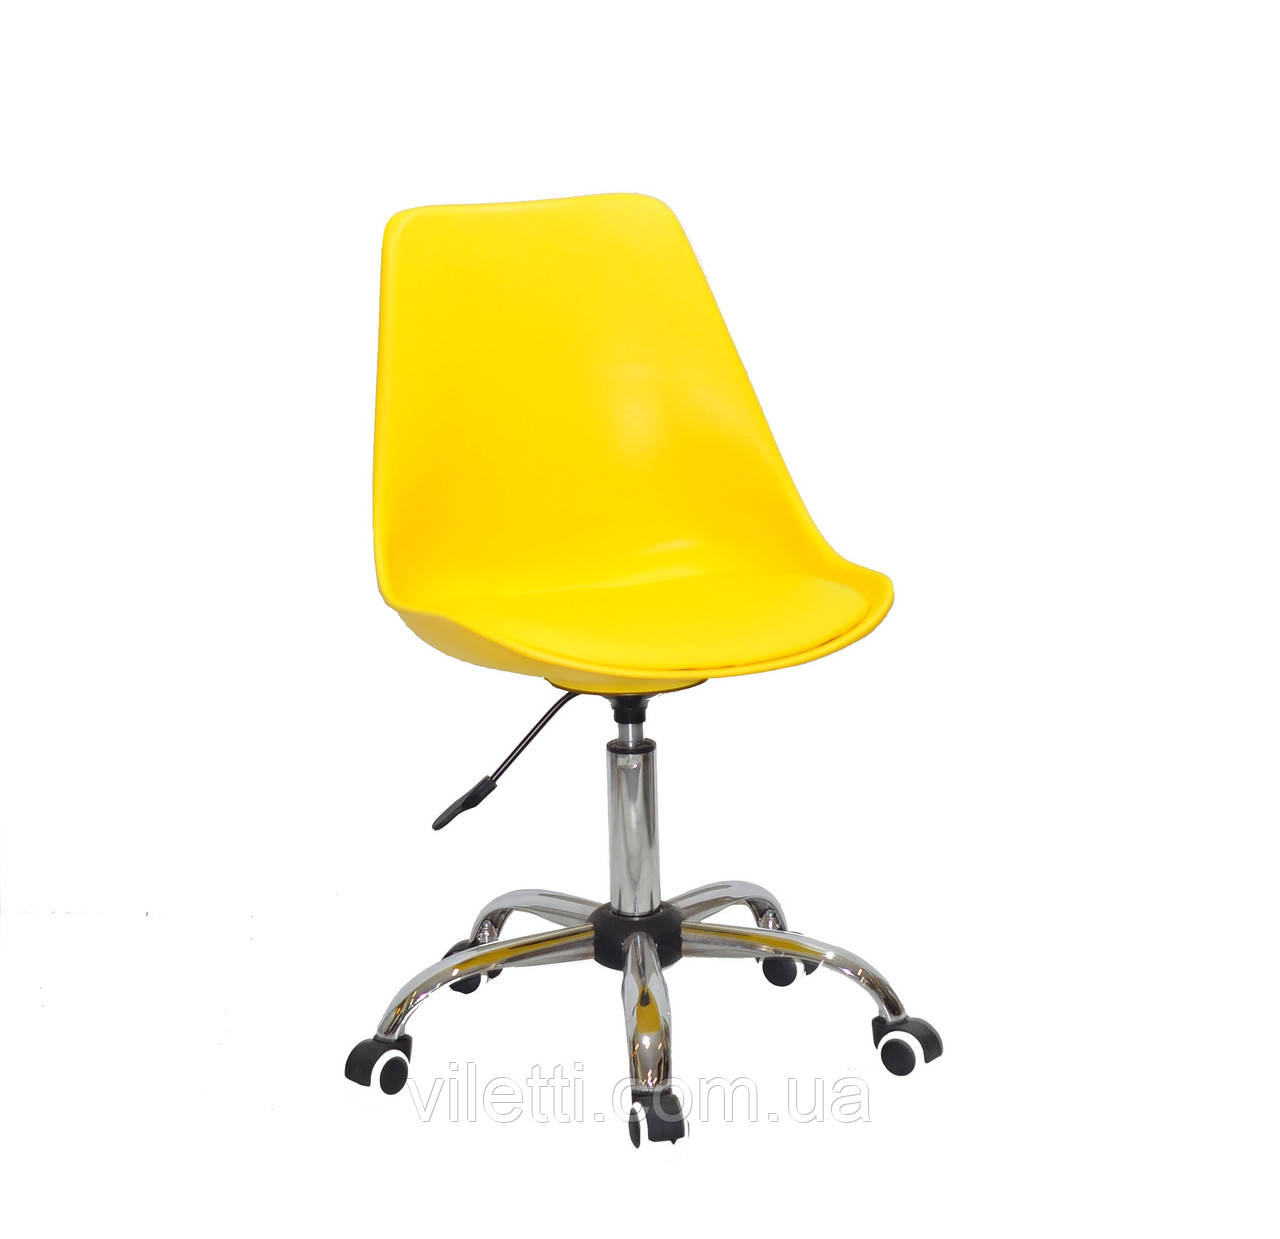 Офісне жовте крісло на коліщатках, поворотне з суцільнолитого пластику з м'яким сидінням Albert Office